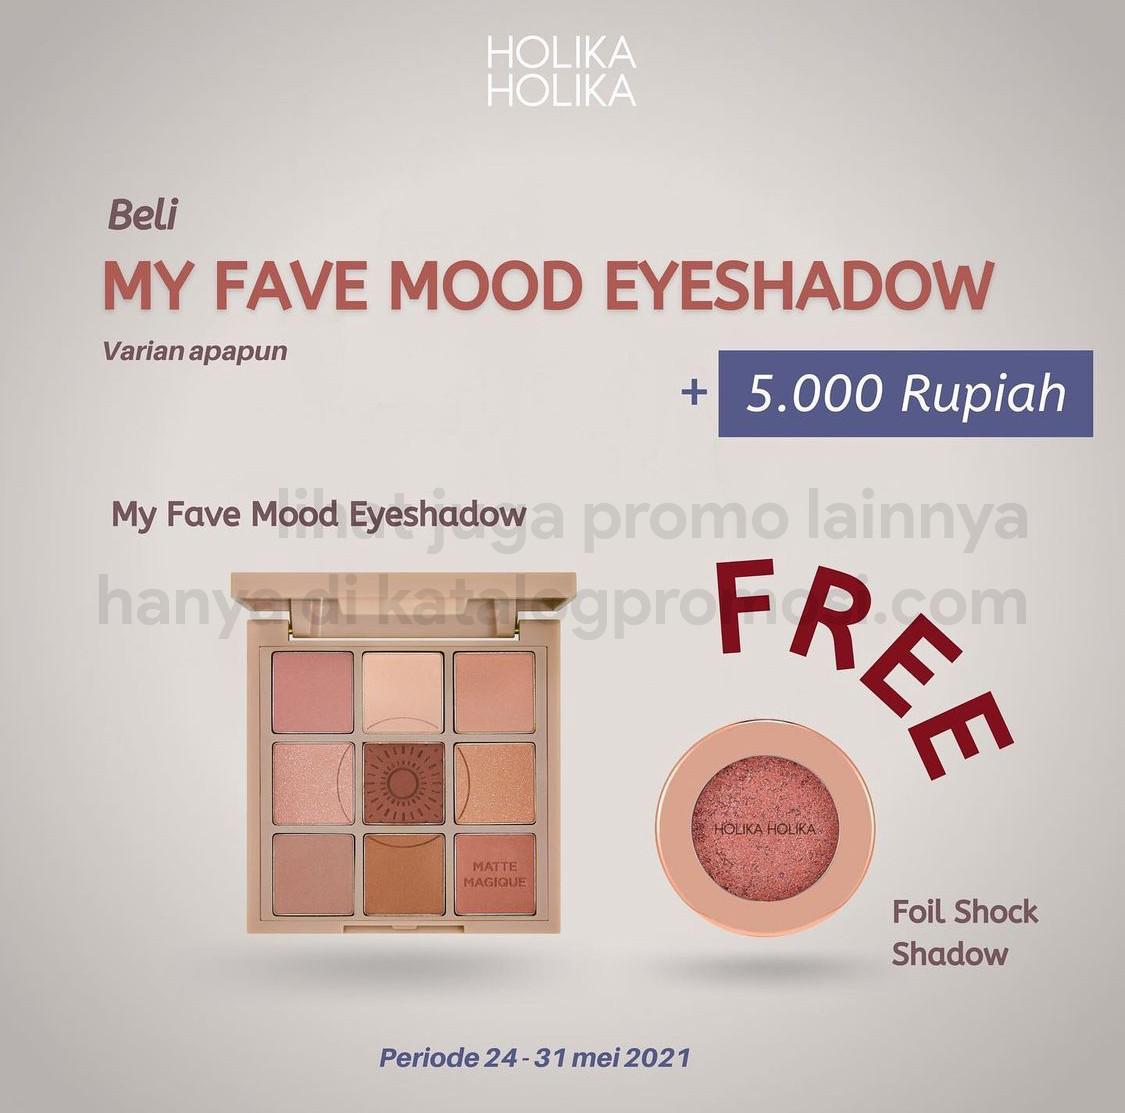 Promo Holika Holika Beli My Fave Eyeshadow Palette +tambah Rp 5,000 bisa dapat Foil Shock Shadow